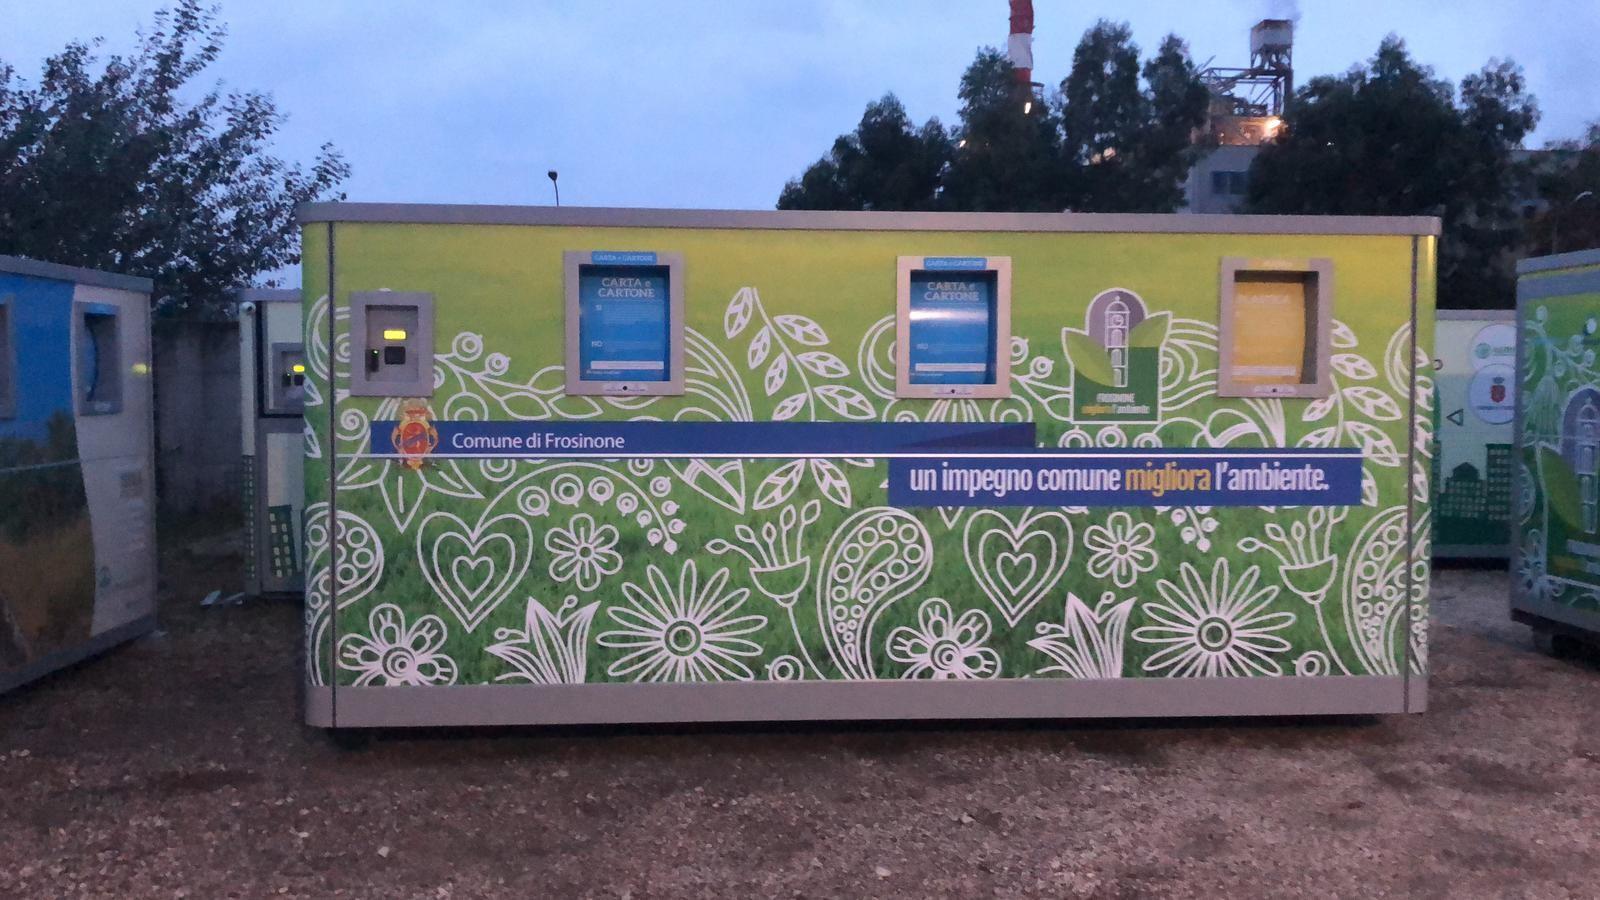 Frosinone attive le isole ecologiche mobili il corriere for Mobili frosinone e provincia